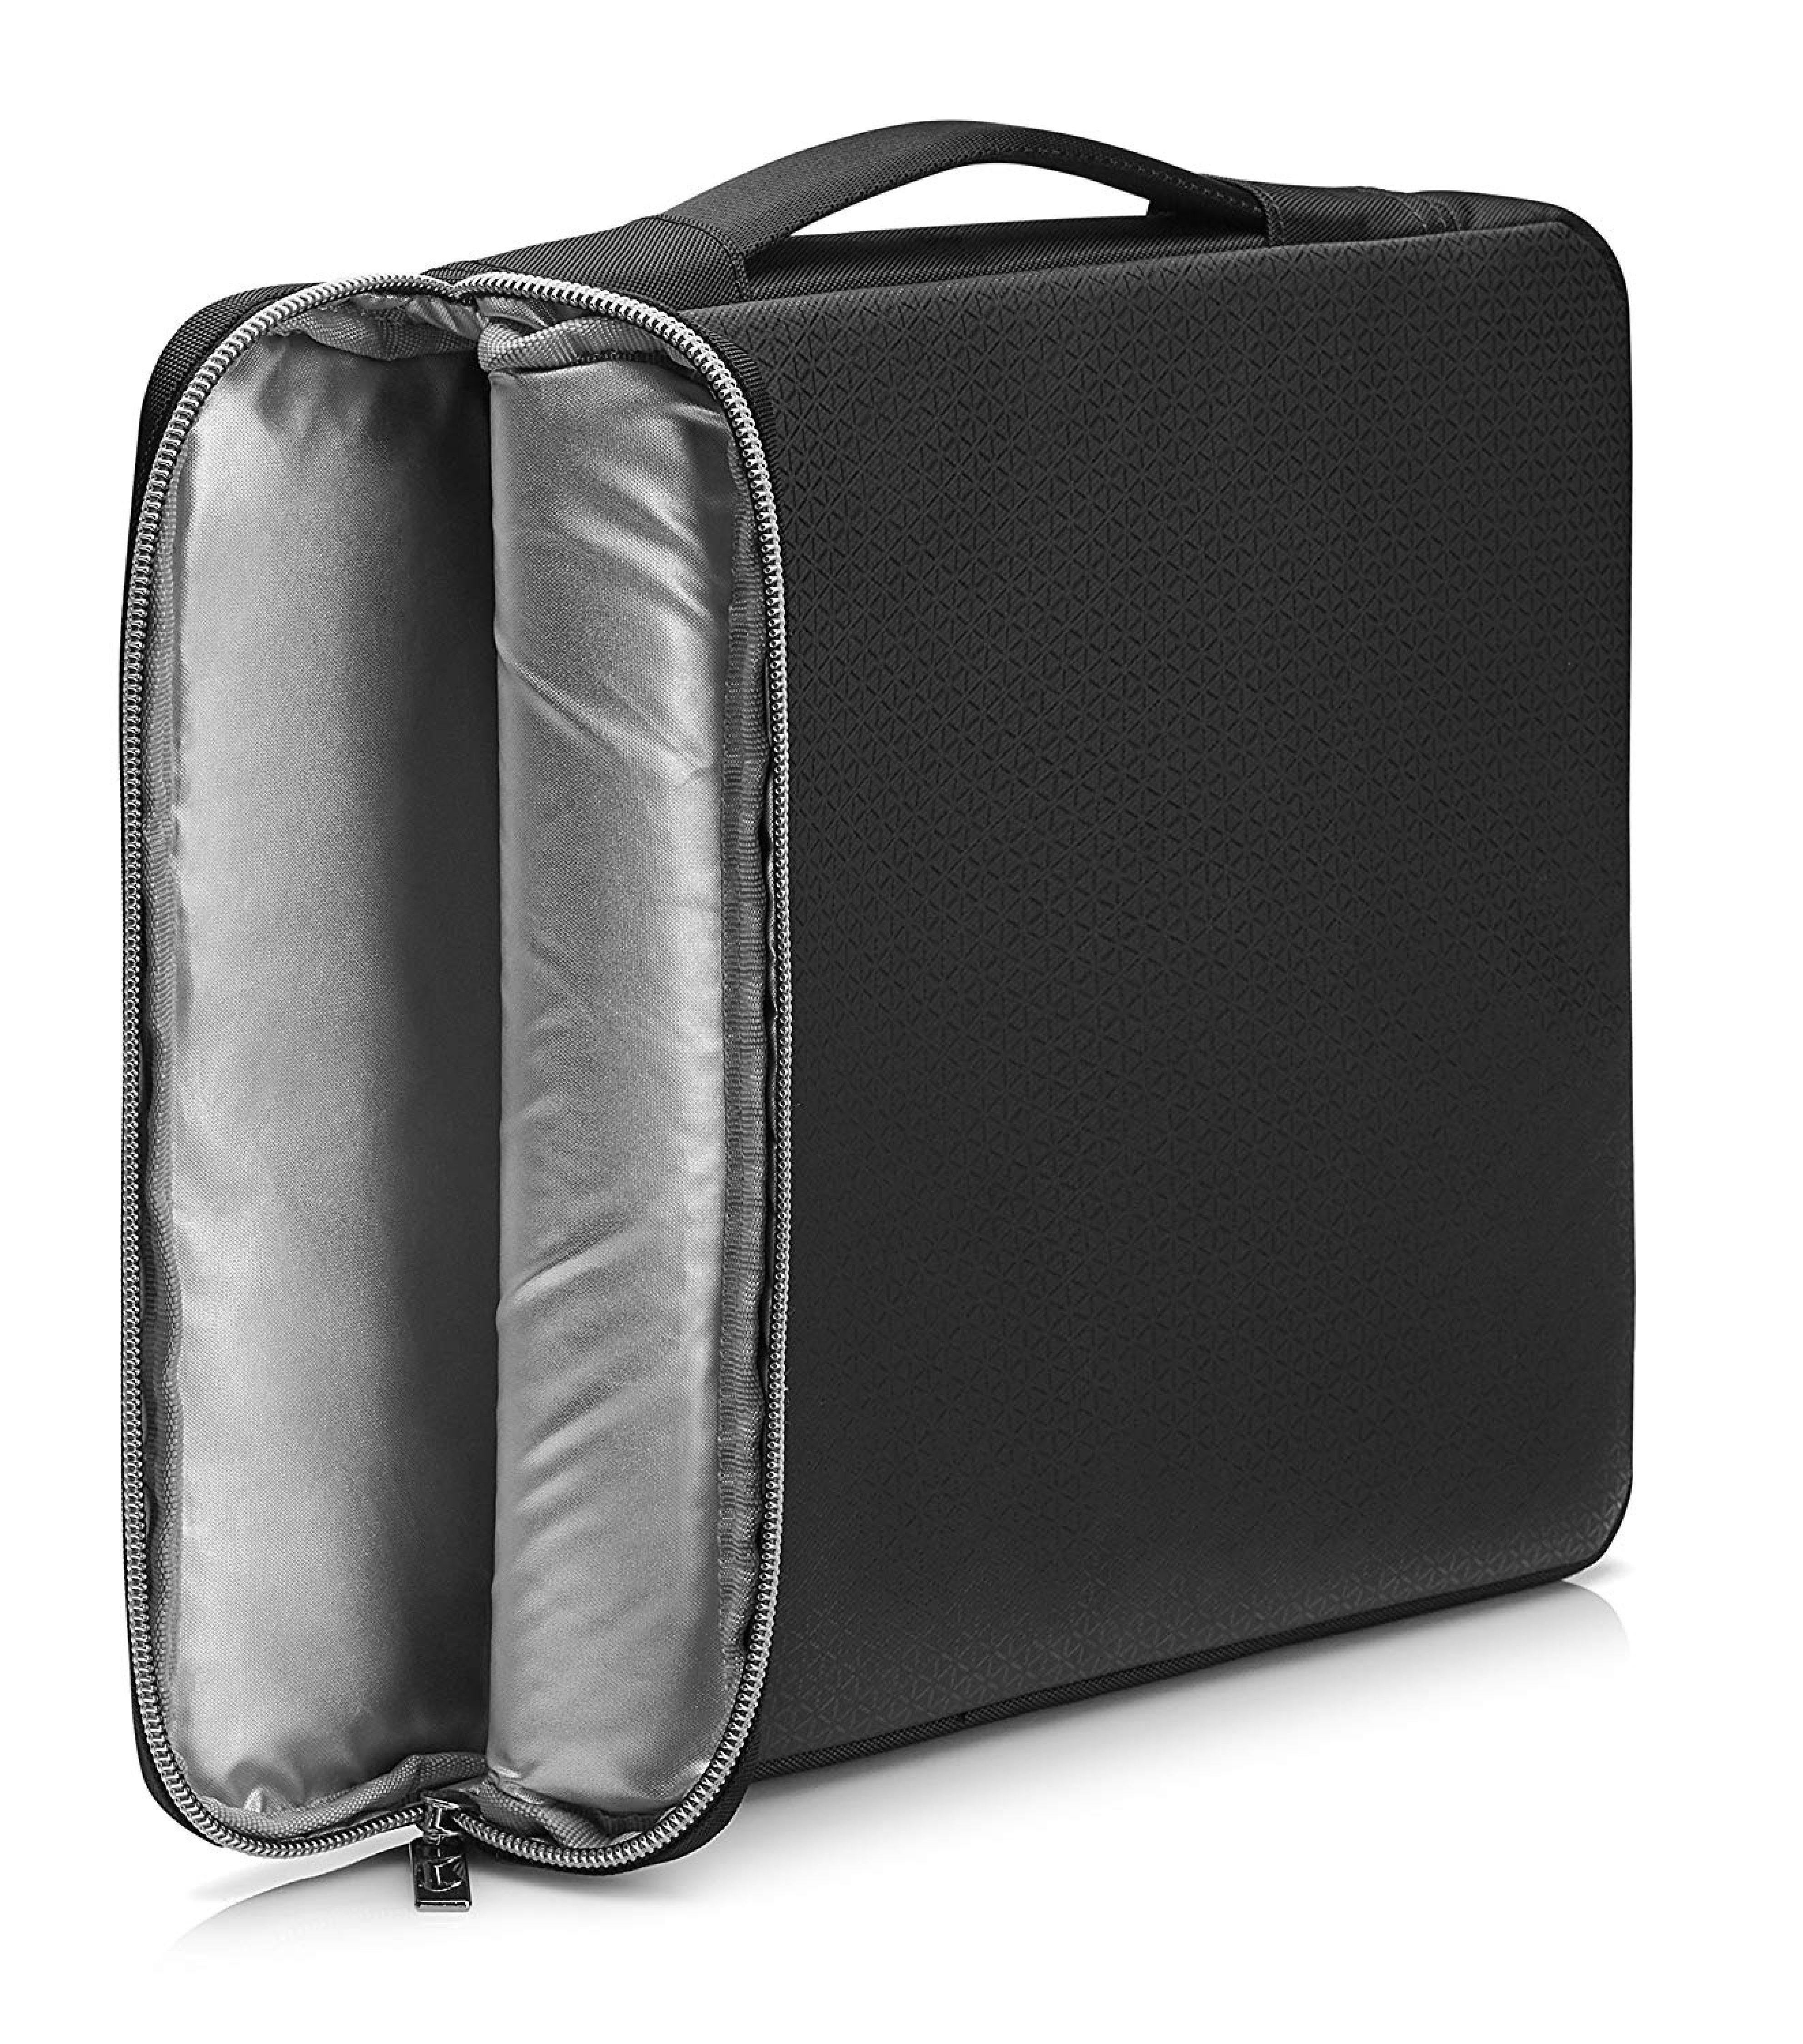 hülle 3 Zoll Artikel Cm Kaufen 5566750928 nr Hp 94 17 Notebook Sleeve 43 Online Europe Carry qnwFSxp